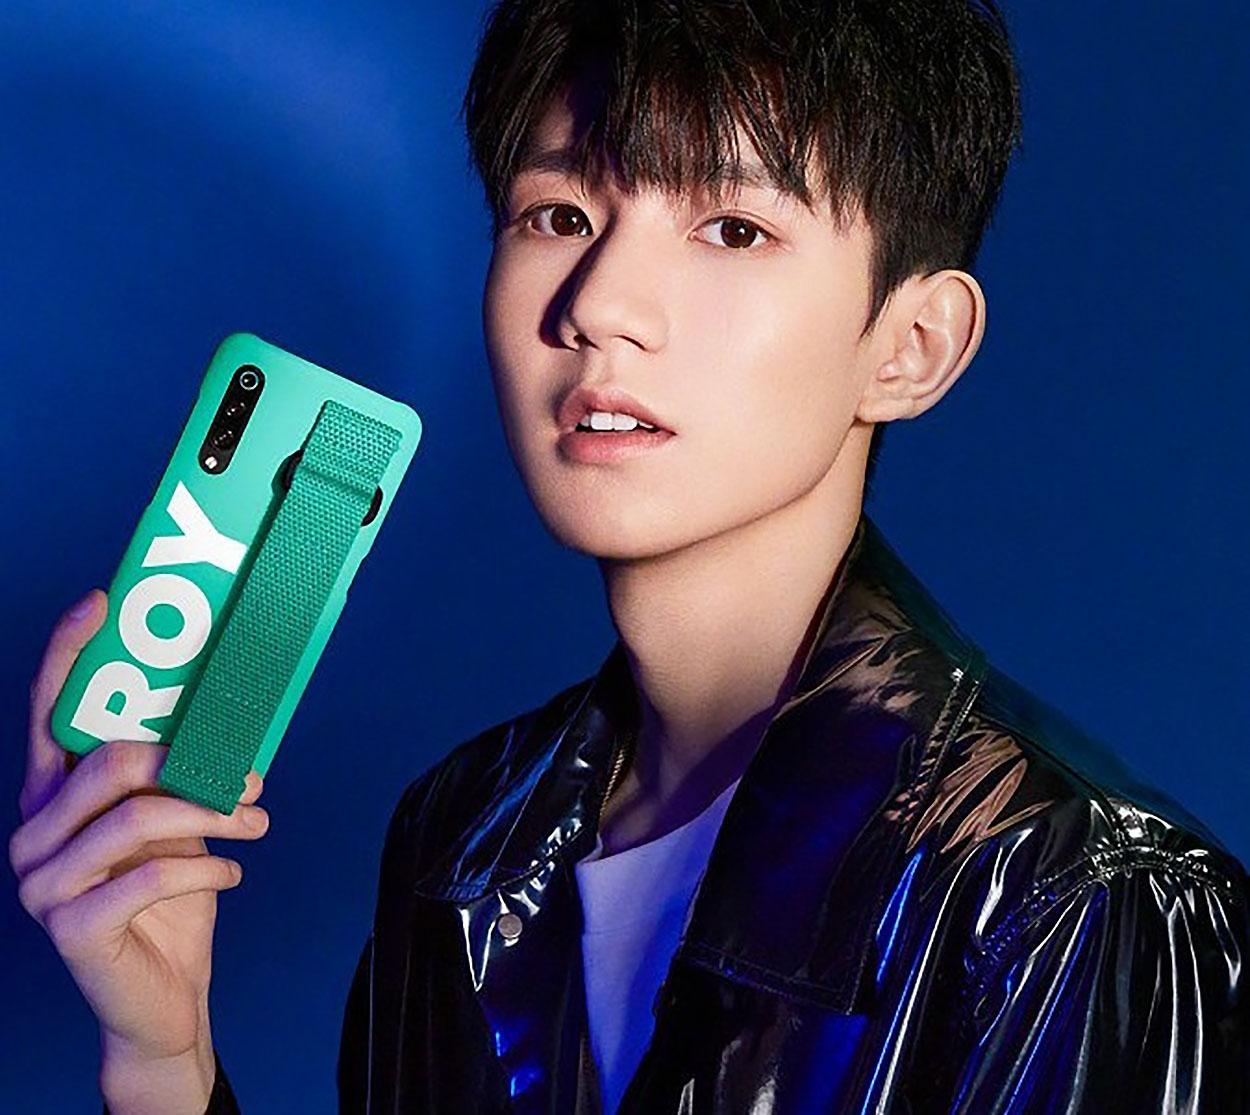 Le Xiaomi Mi 9 se dévoile dans de nombreuses photos à une semaine de son annonce